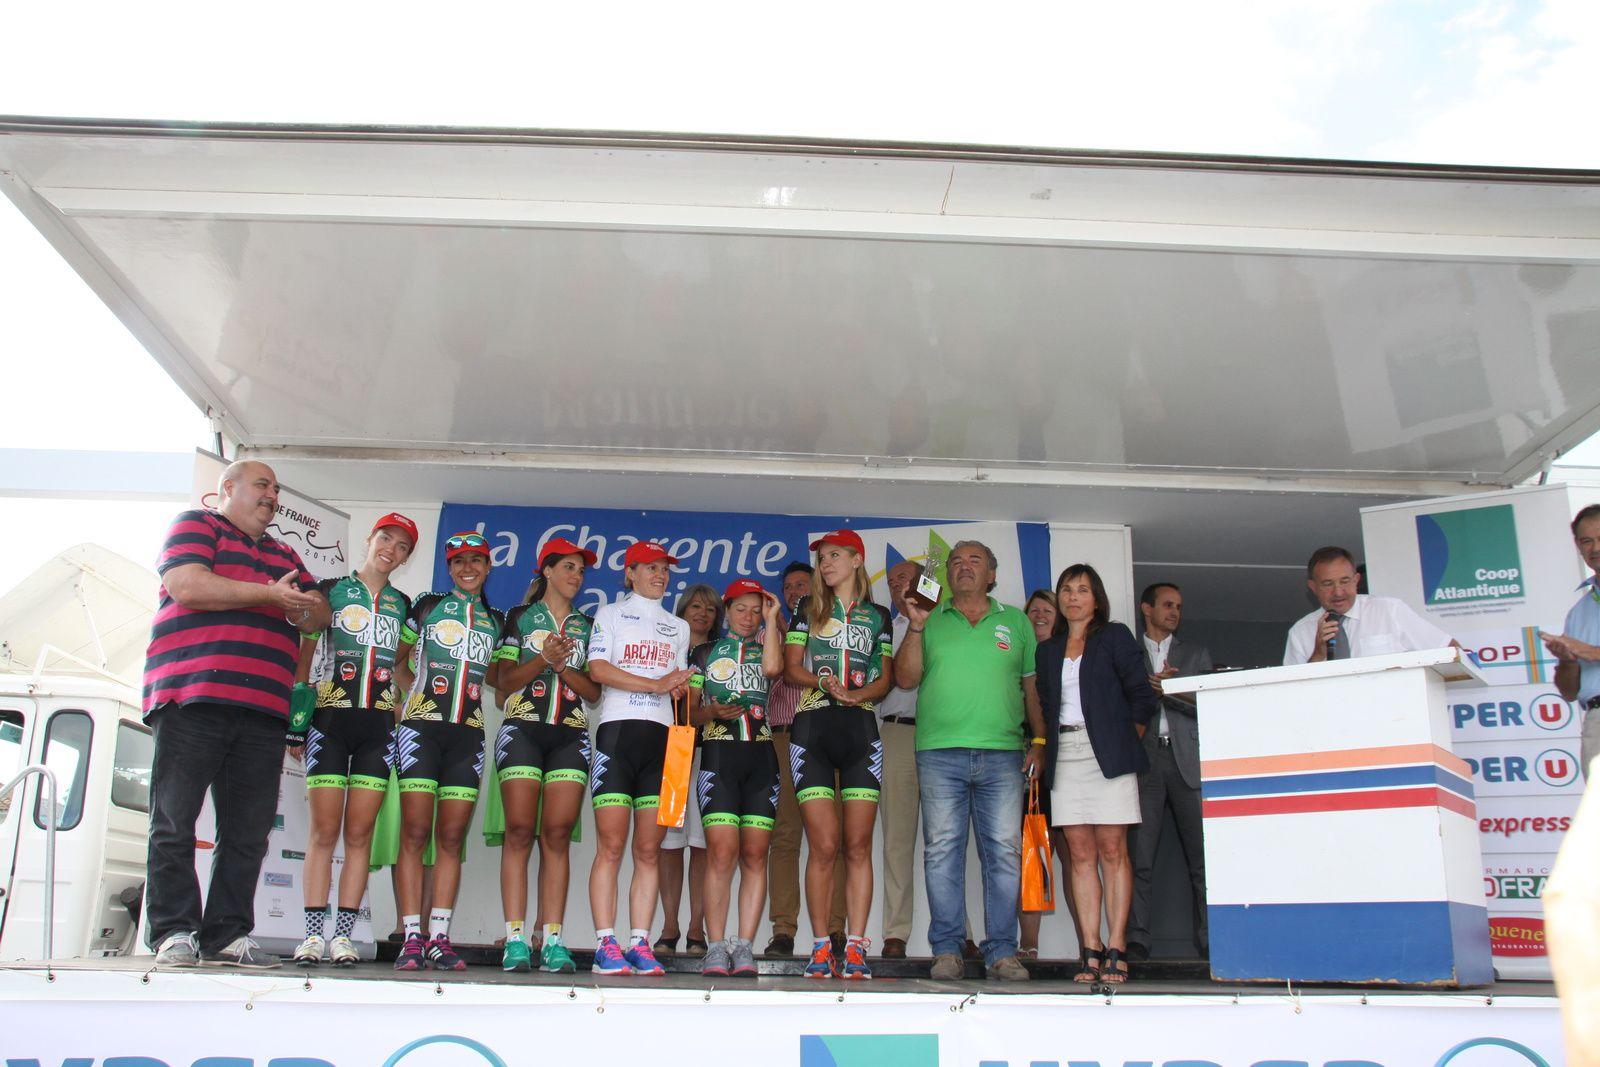 Le  podium  complet  de  cette  1er  étape  avec  les  partenaires